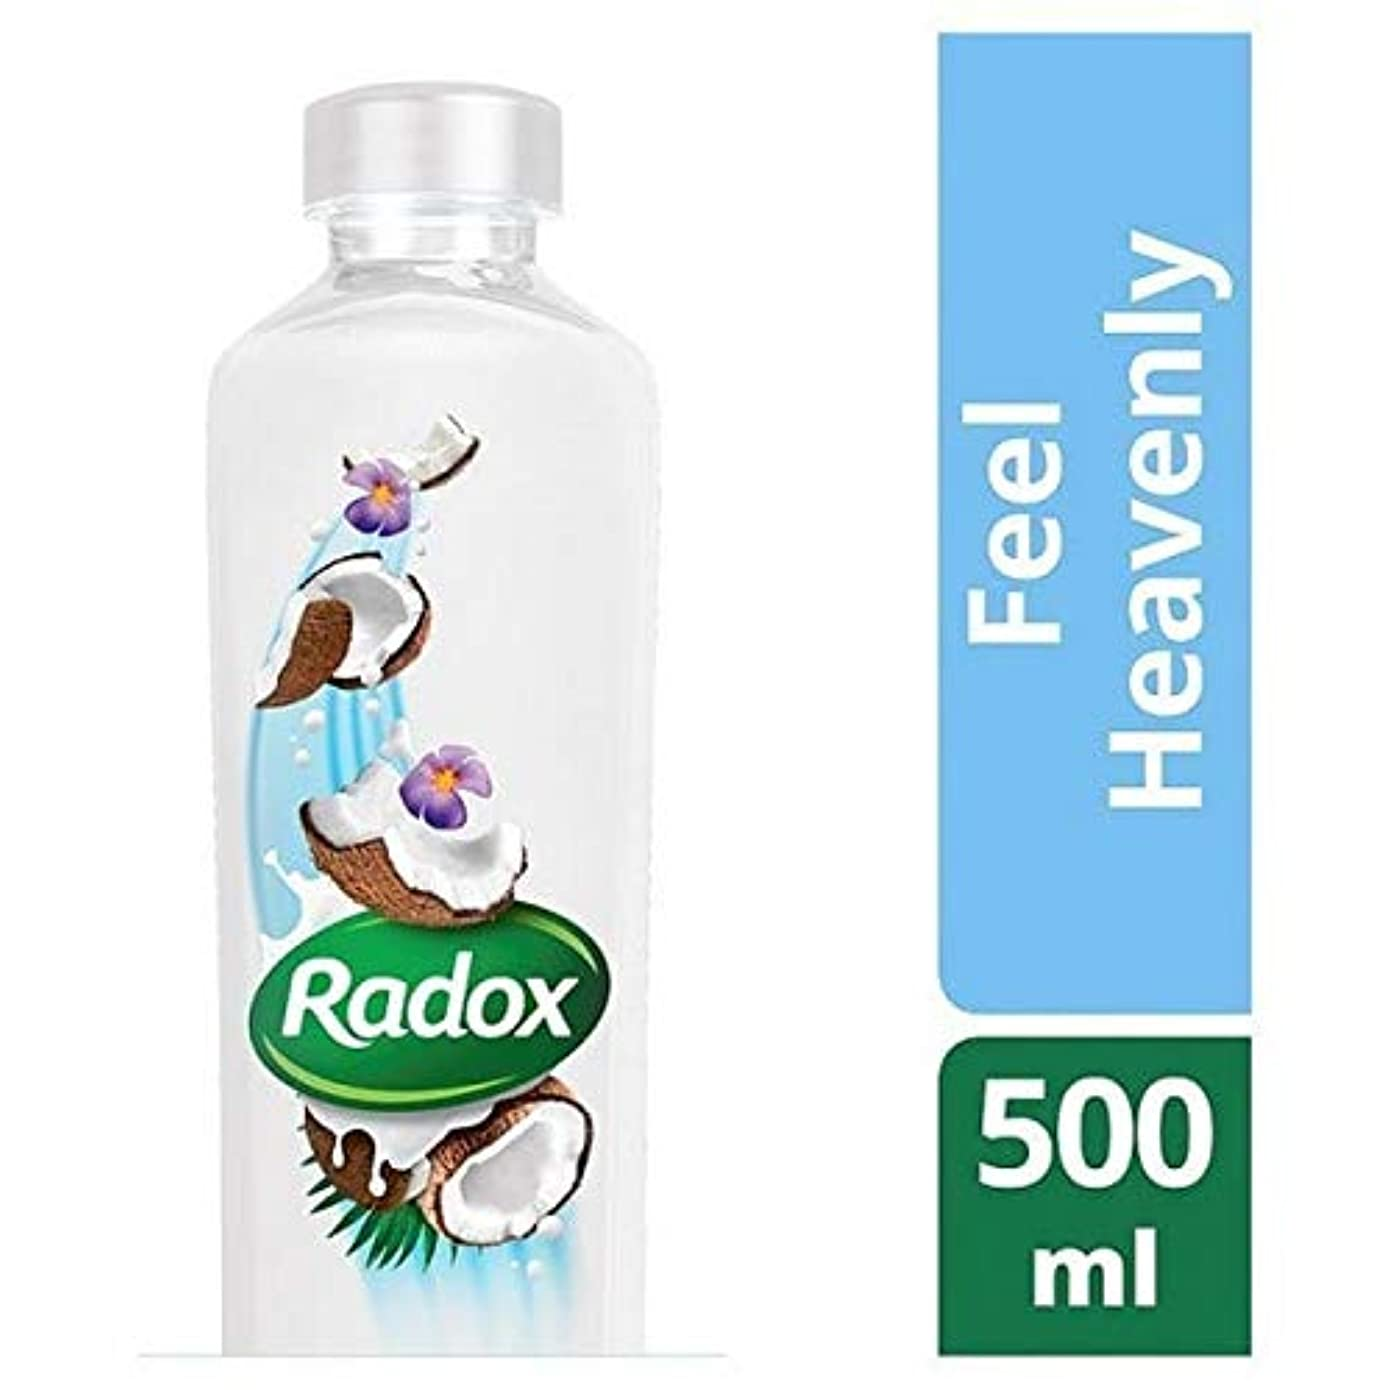 ボート重大帰する[Radox] Radoxは天国の500ミリリットルを感じます - Radox Feel Heavenly 500ml [並行輸入品]